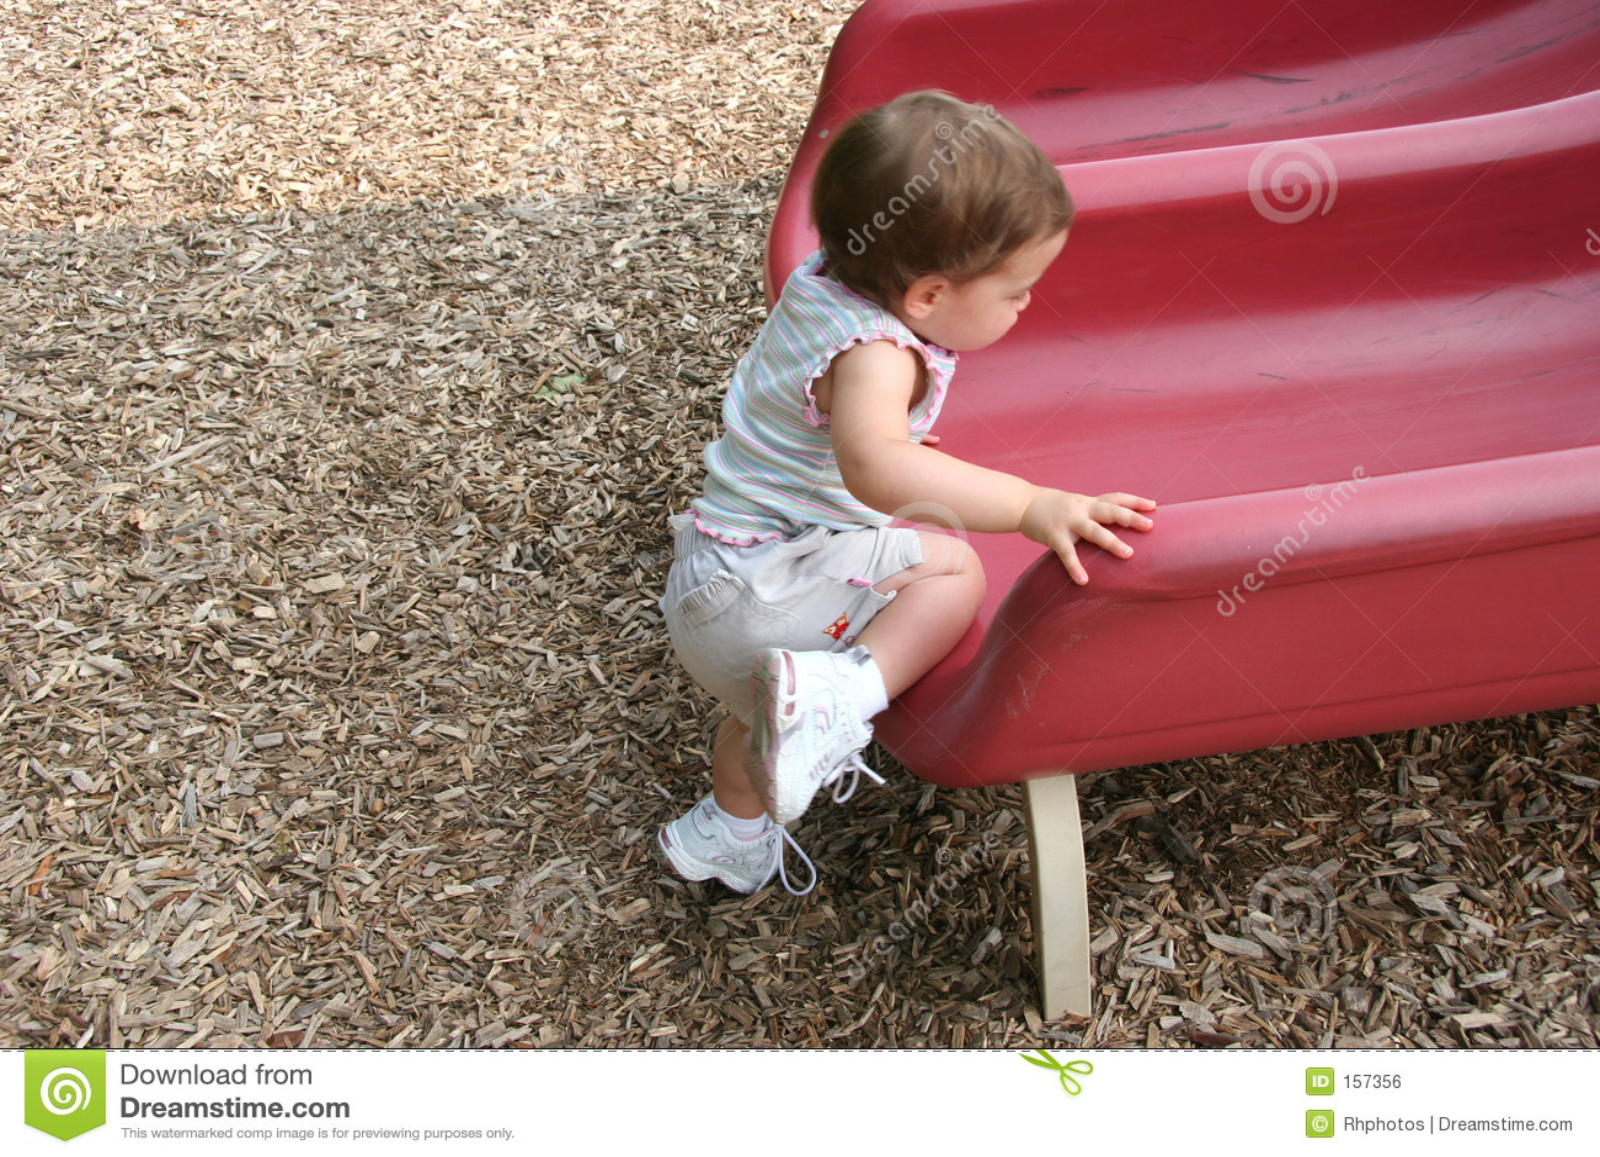 Girl sliding back on the green slime - 1 6